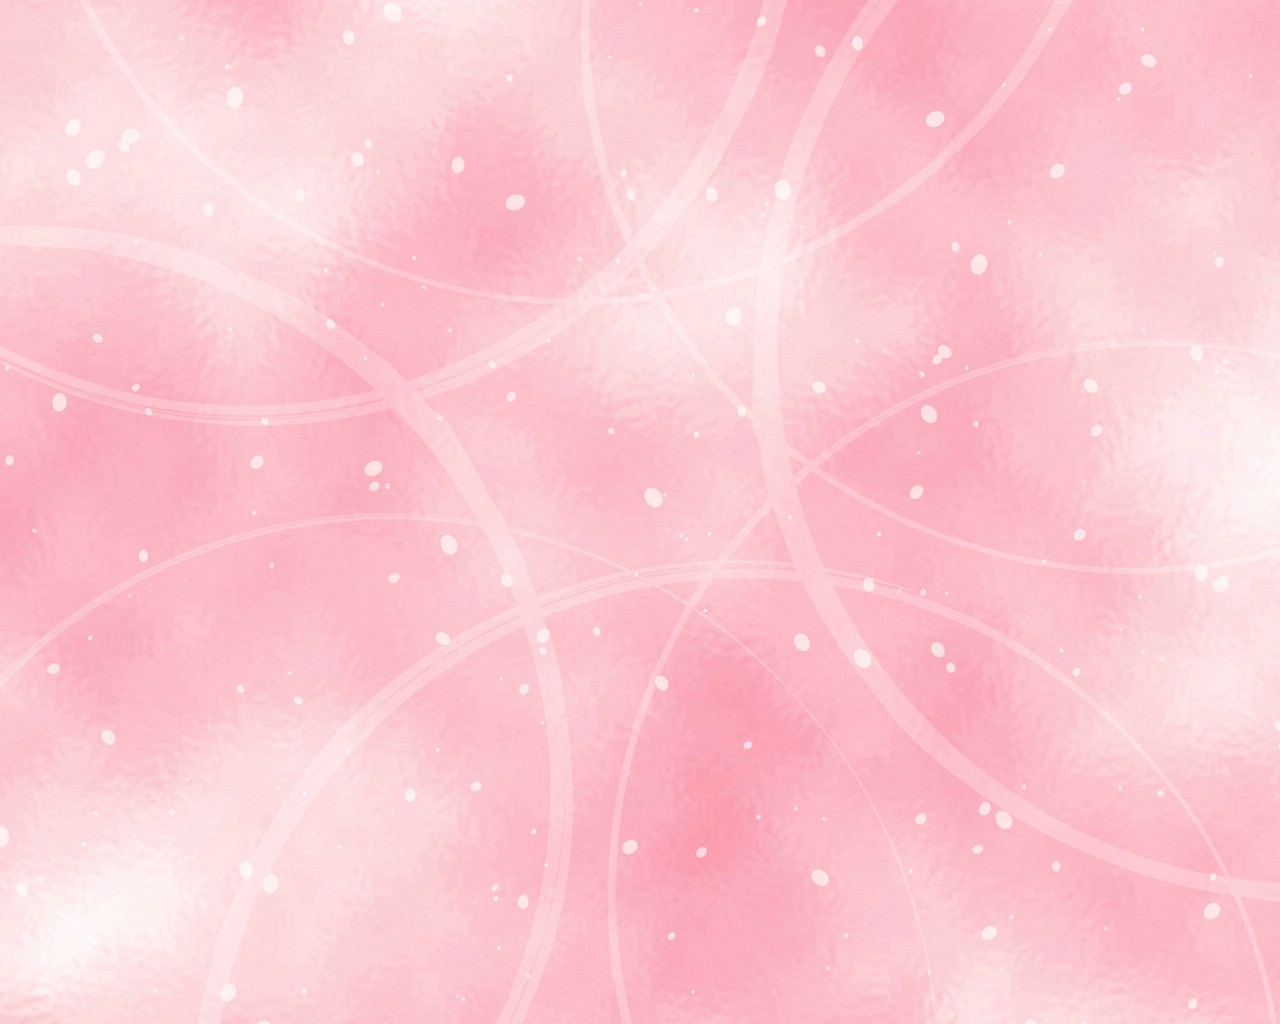 浅粉色壁纸 第1张 美拍图